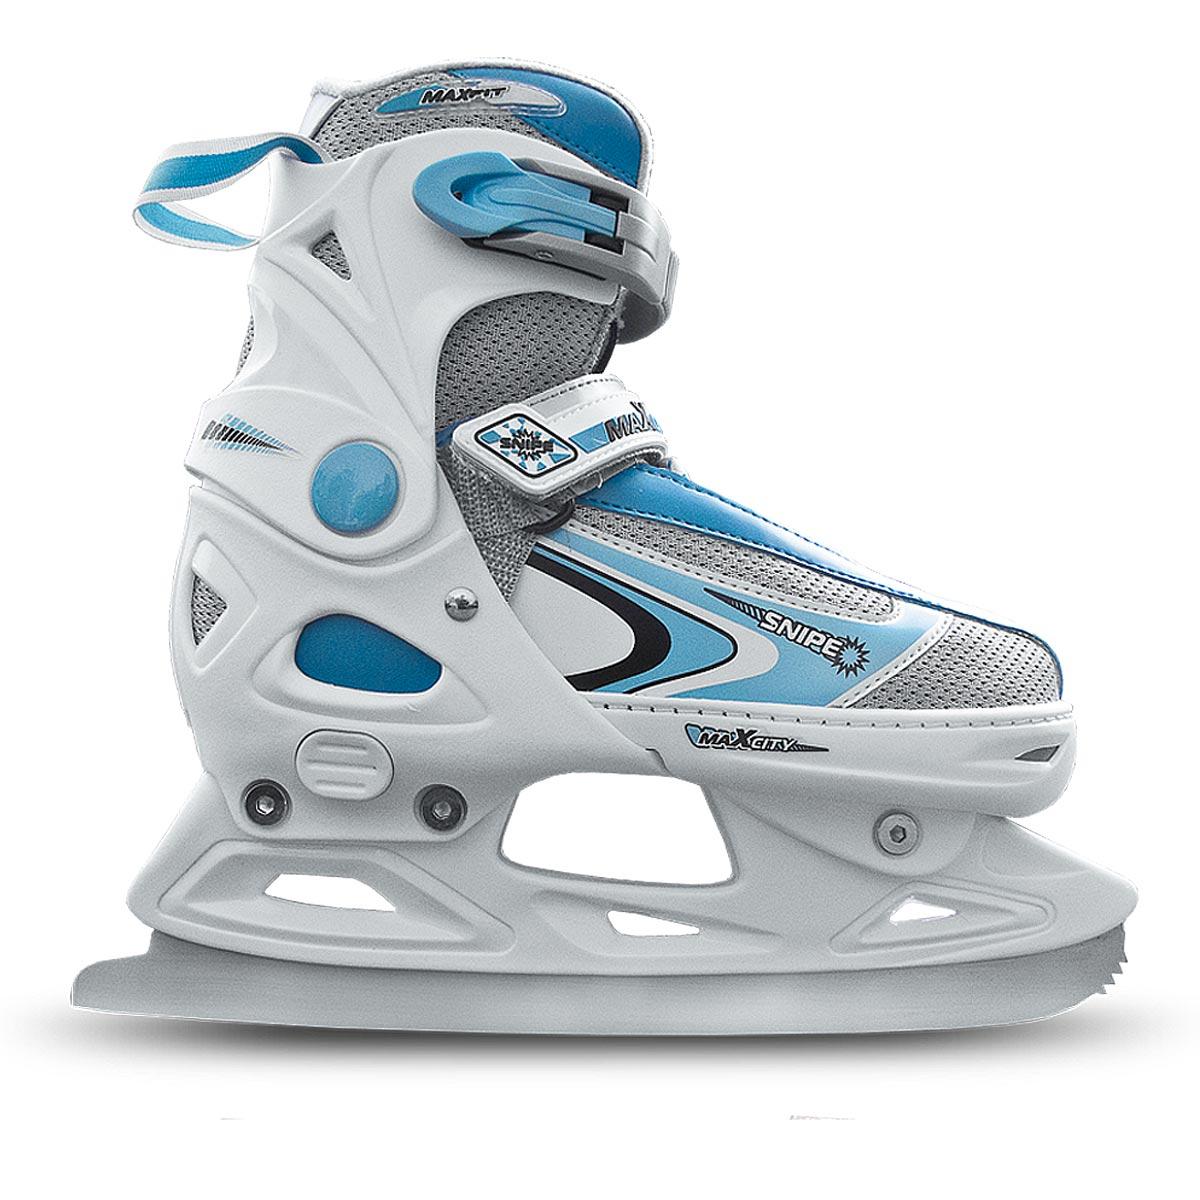 Коньки ледовые для девочки MaxCity Snipe Girl, раздвижные, цвет: белый, голубой. Размер 29/32SF 010Оригинальные раздвижные ледовые коньки MaxCity с ударопрочной защитной конструкцией отлично подойдут для начинающих. Ботинки изготовлены из морозостойкого пластика, который защитит ноги от ударов, и дополнены нейлоном. Внутренний материал из вельвета и капровелюра отлично согревает и обеспечивает комфорт во время движения. Нейлоновые вставки на язычке предотвращают перегревание и отводят влагу. Высокий ботинок обеспечивает отличную поддержку ноги. Модель застегивается несколькими способами для надежной фиксации ноги - классическая шнуровка, липучка Velcro и пластиковые затягивающиеся ремешки. Стальное лезвие обеспечит превосходное скольжение. Основная особенность коньков - возможность изменения размера. Изменение длины ботинка осуществляется достаточно просто и занимает несколько секунд.